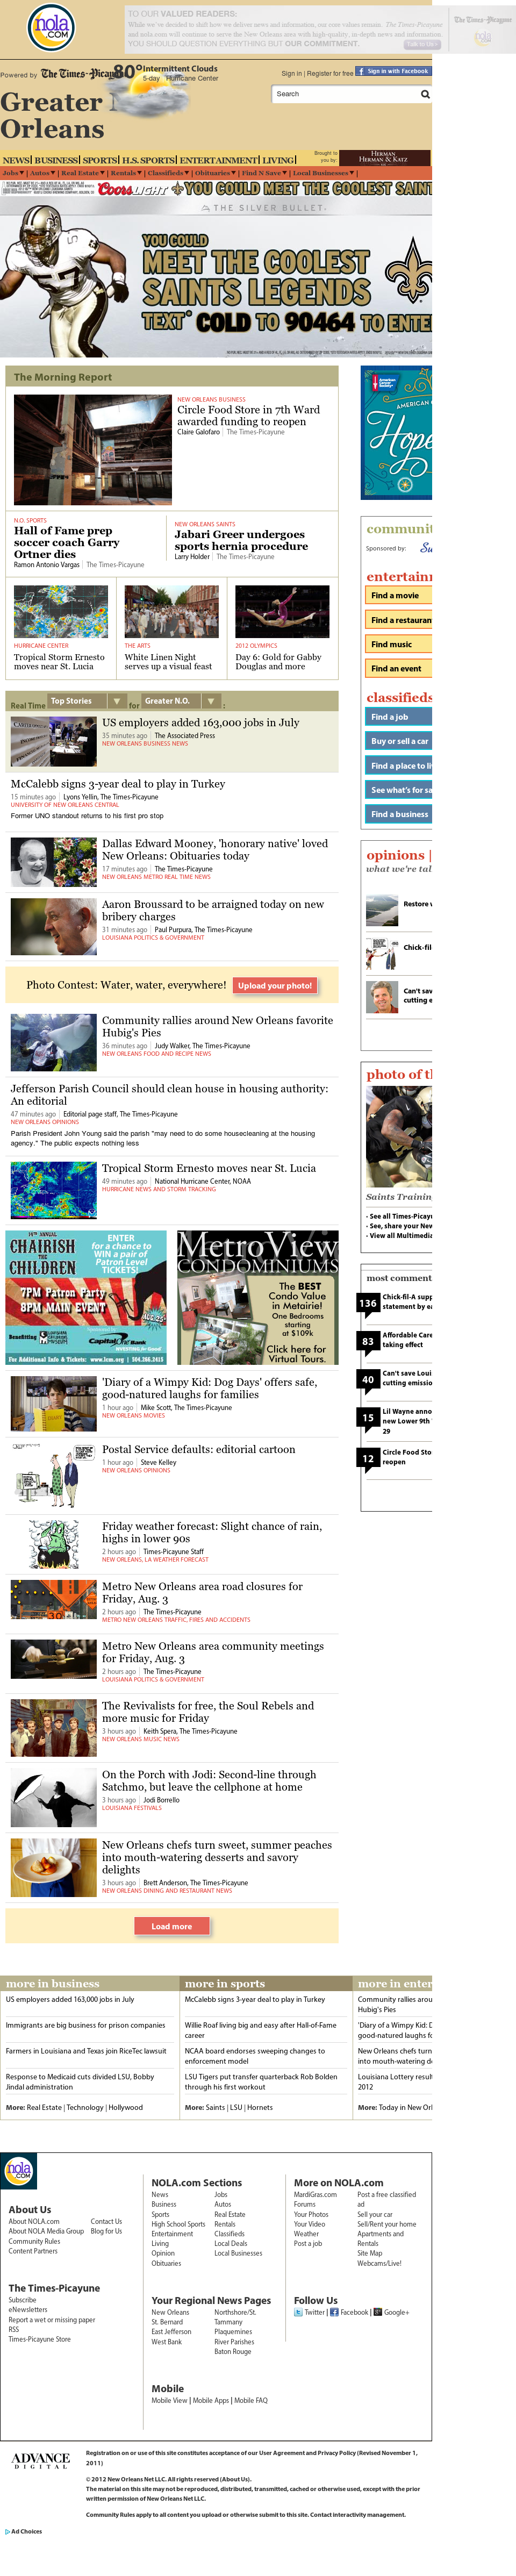 NOLA.com at Friday Aug. 3, 2012, 1:18 p.m. UTC